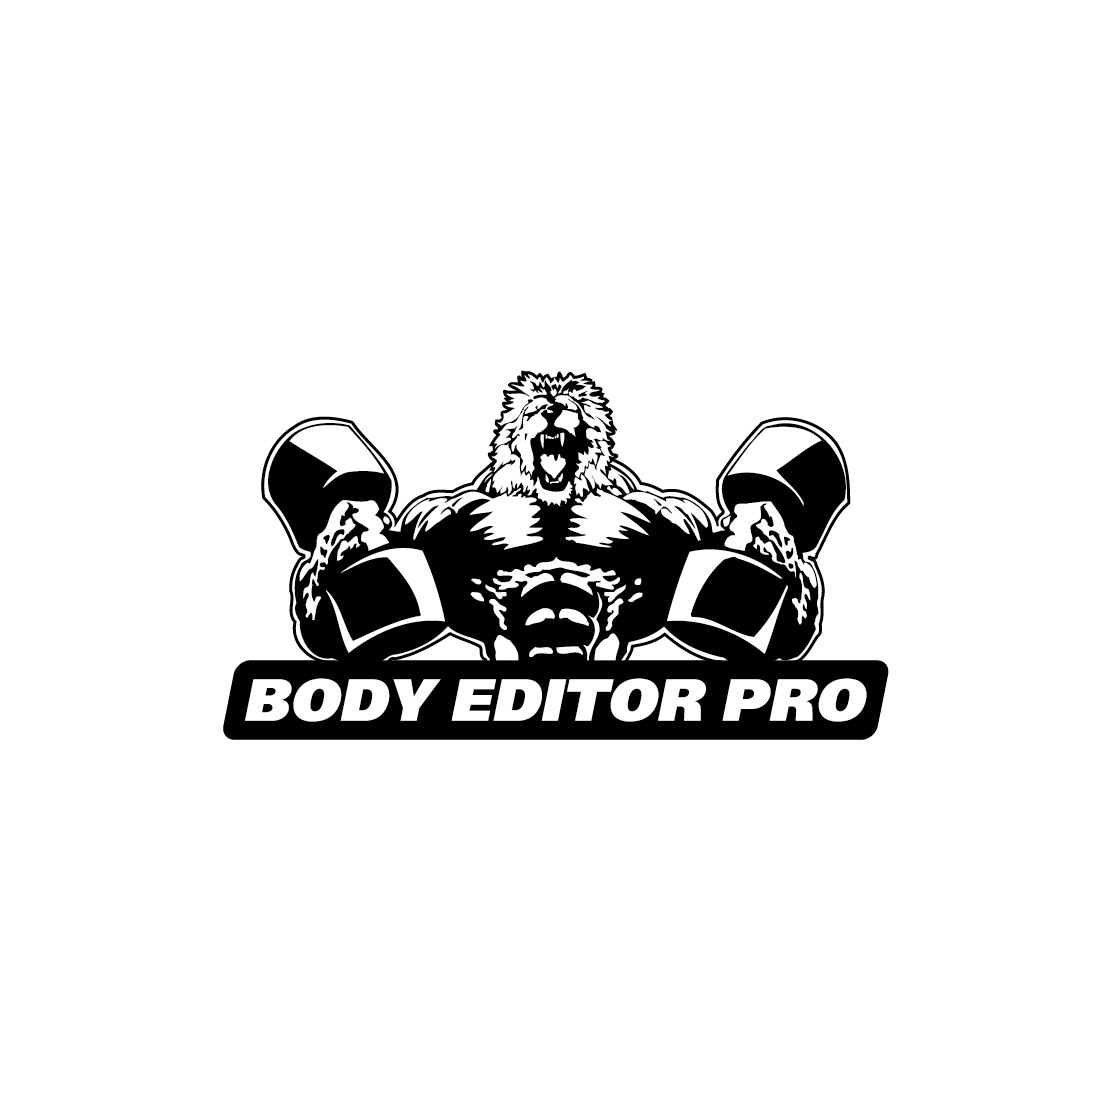 Лого+символ для марки Спортивного питания фото f_2475971bbcb80978.jpg